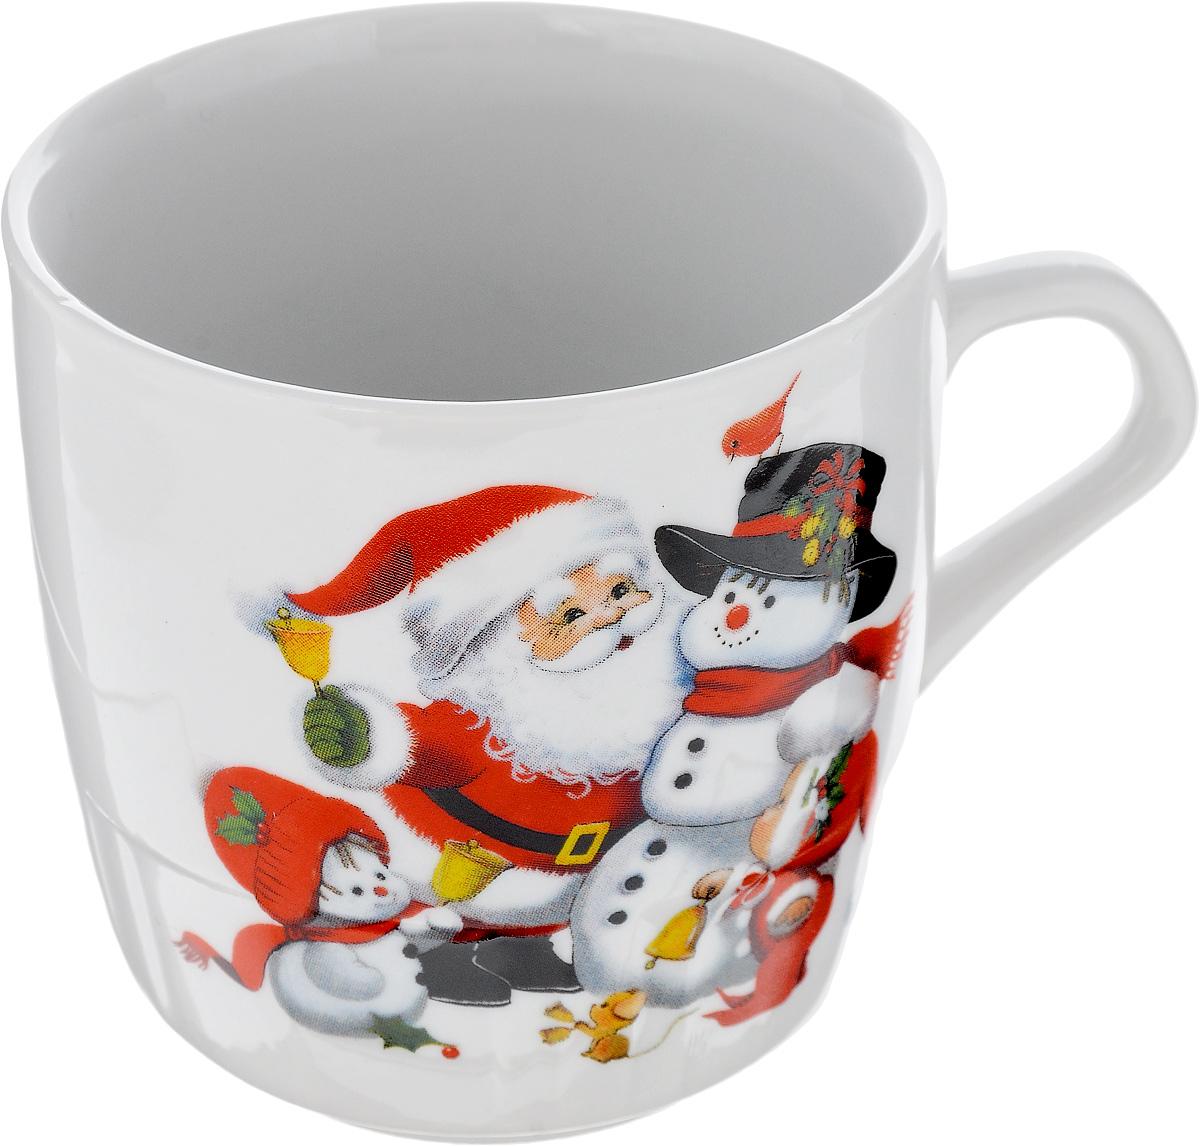 Кружка Фарфор Вербилок Дед Мороз, 250 мл5812120Кружка Фарфор Вербилок Дед Мороз способна скрасить любое чаепитие. Изделие выполнено из высококачественного фарфора. Посуда из такого материала позволяет сохранить истинный вкус напитка, а также помогает ему дольше оставаться теплым. Диаметр кружки (по верхнему краю): 8 см. Высота кружки: 8,5 см.